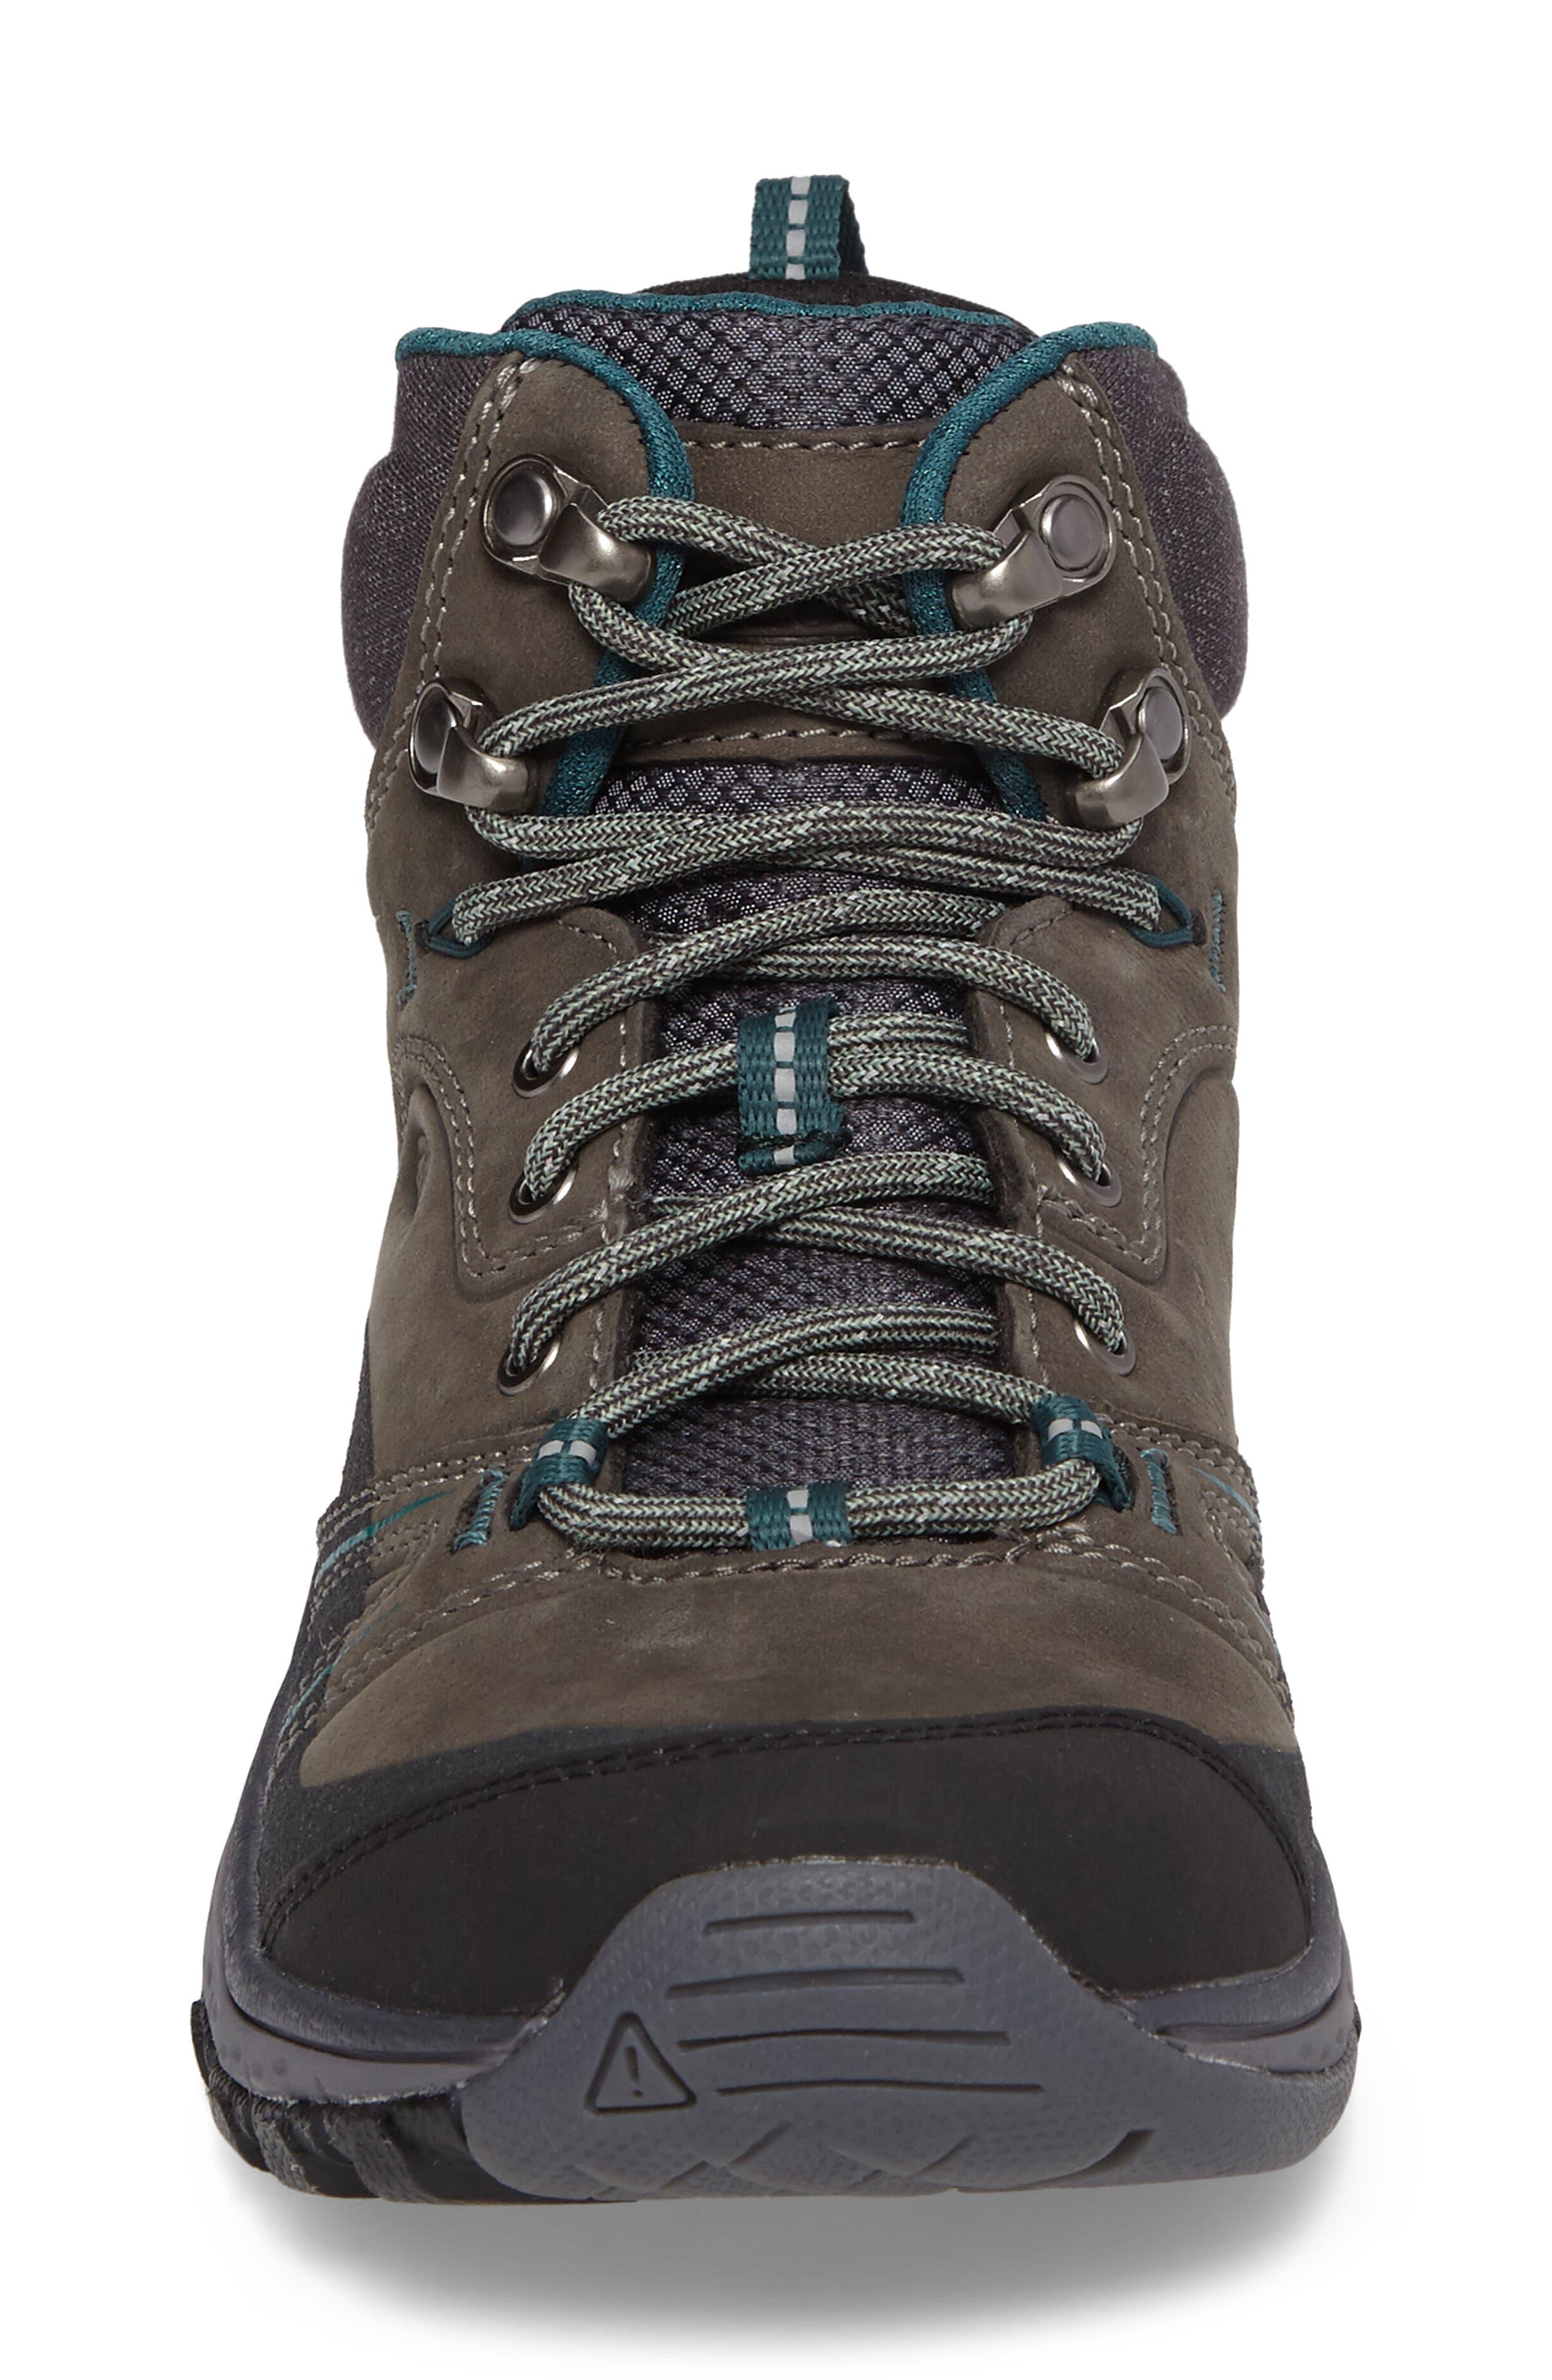 Terradora Leather Waterproof Hiking Boot,                             Alternate thumbnail 4, color,                             MUSHROOM NUBUCK LEATHER